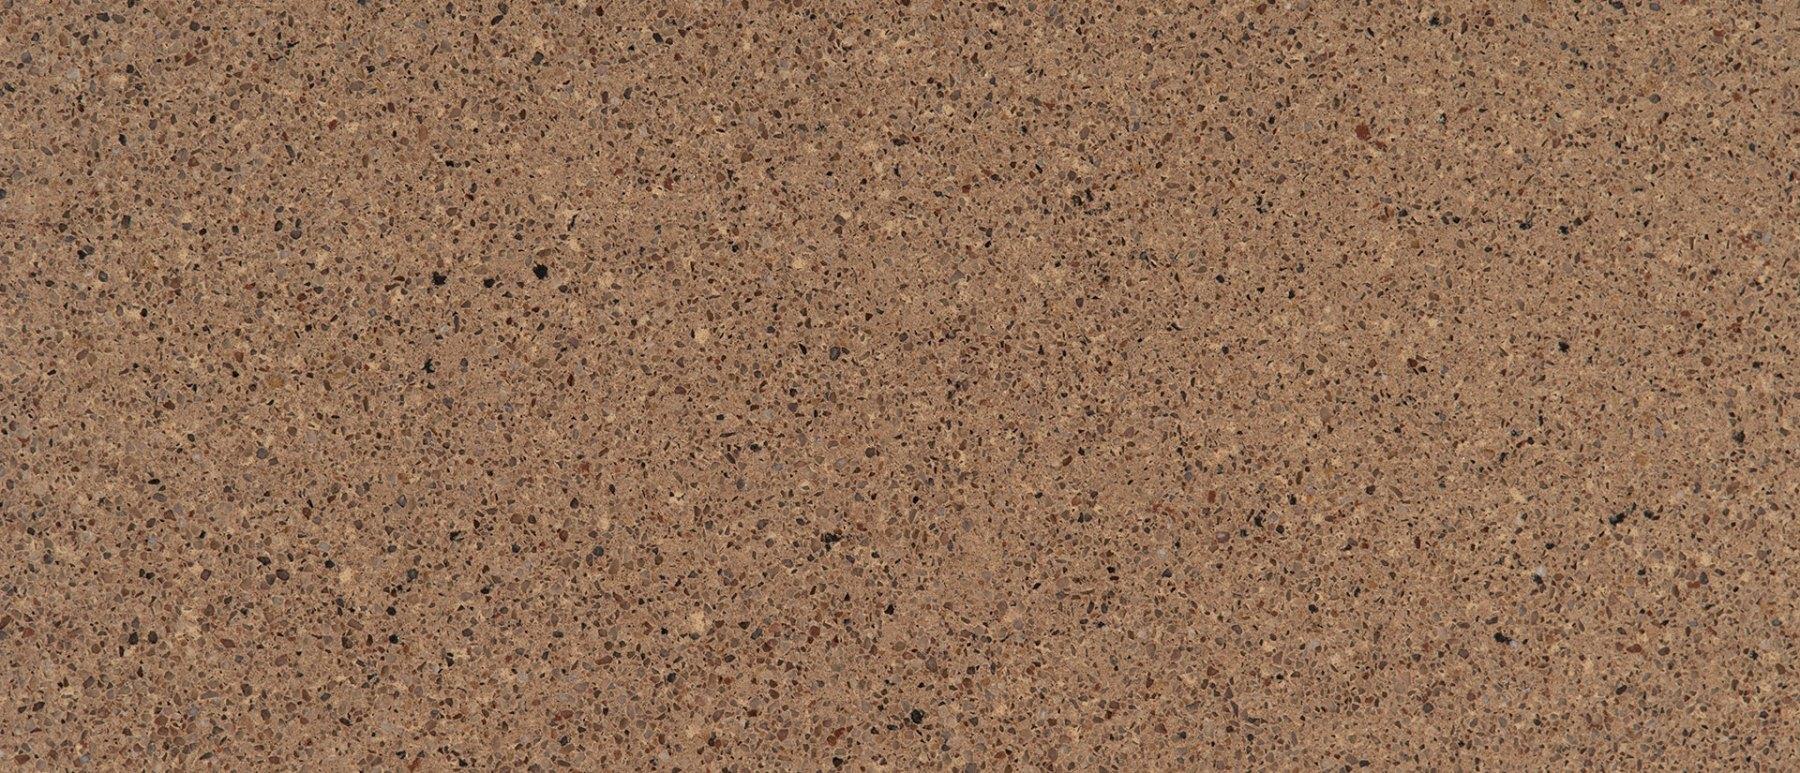 coronado-quartz-1